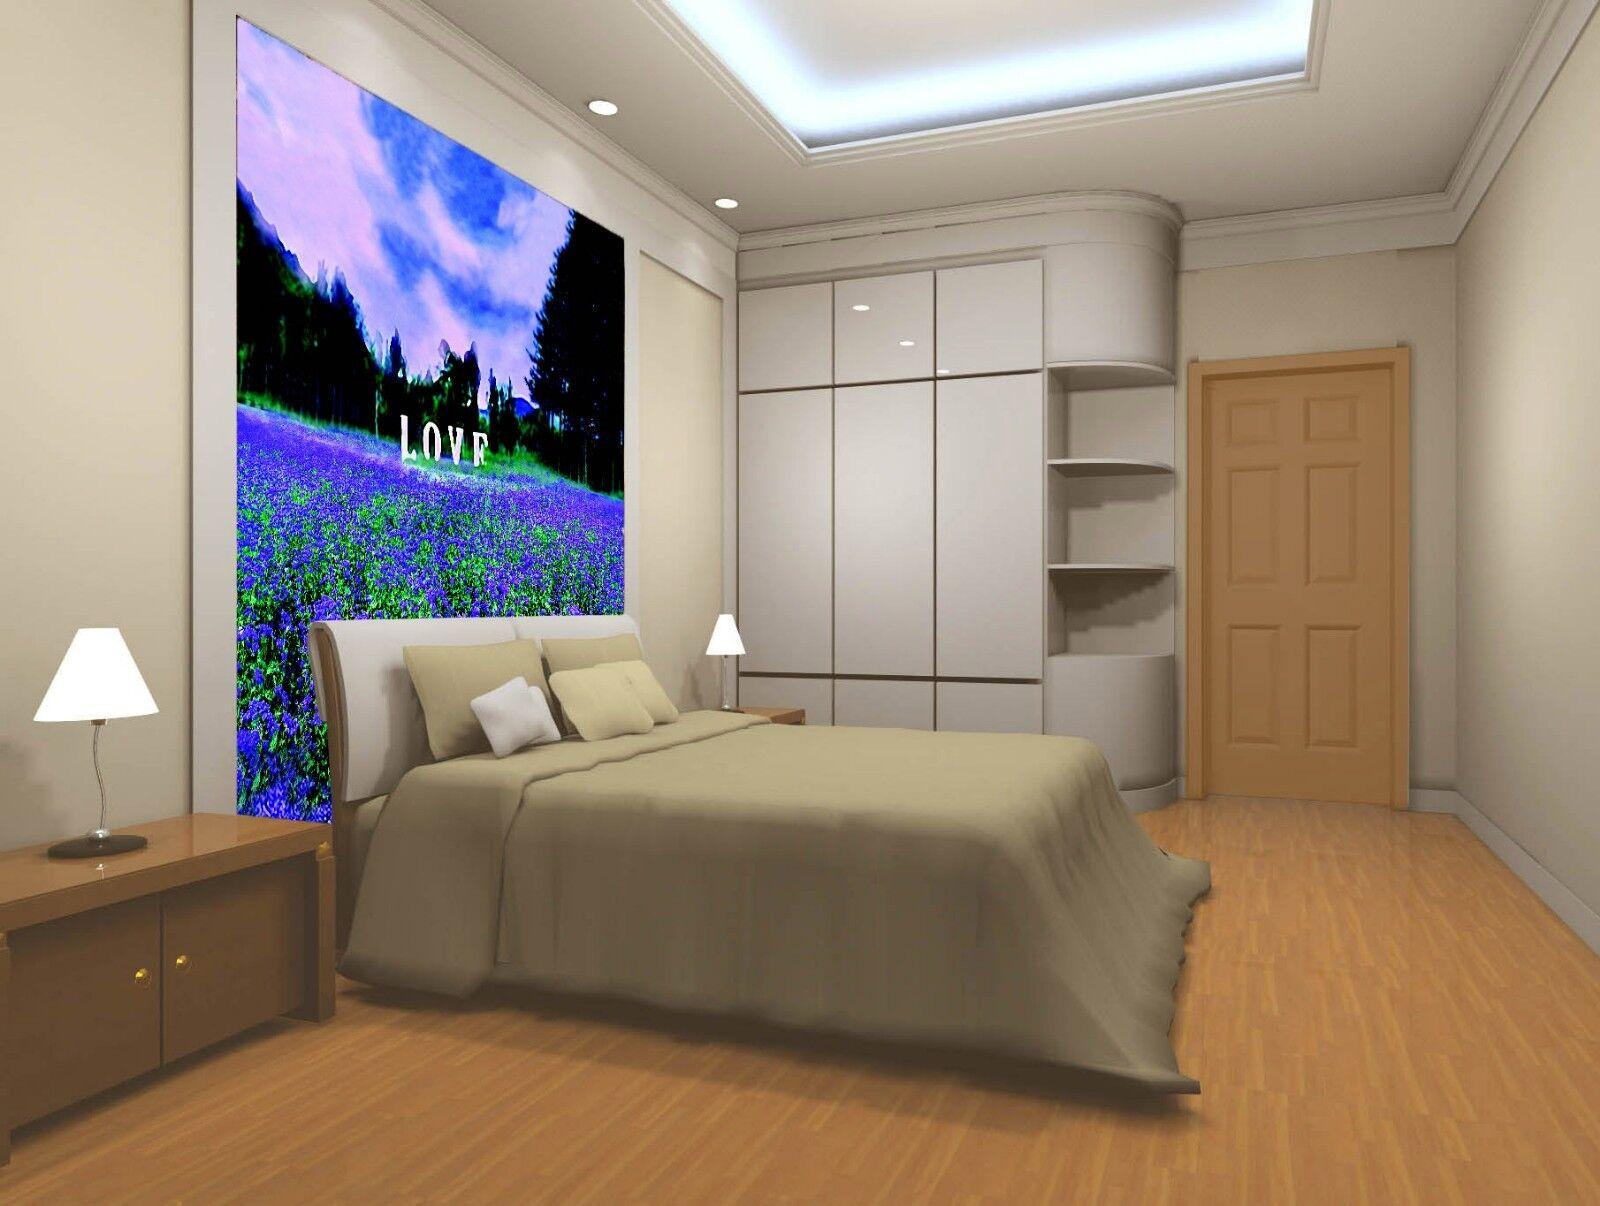 3D Lavender 4031 Wallpaper Murals Wall Print Wall Mural AJ WALLPAPER UK Lemon